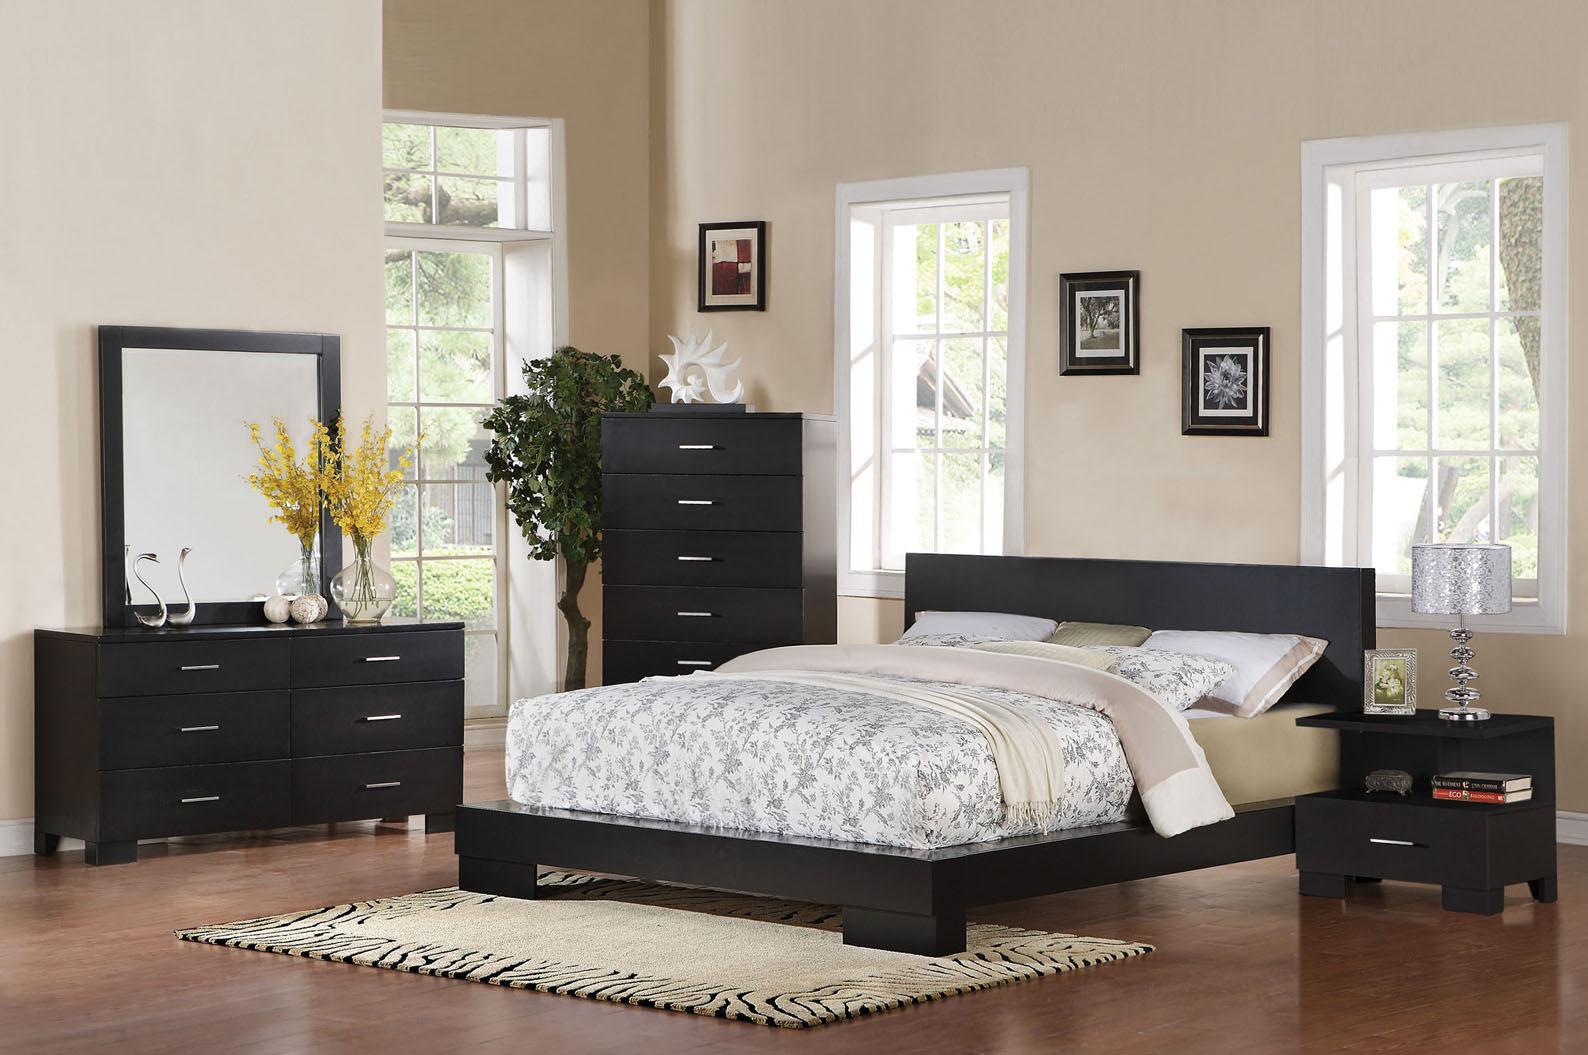 Acme Furniture London Platform Queen Bedroom Group - Item Number: 2006 Q Platform Bedroom Group